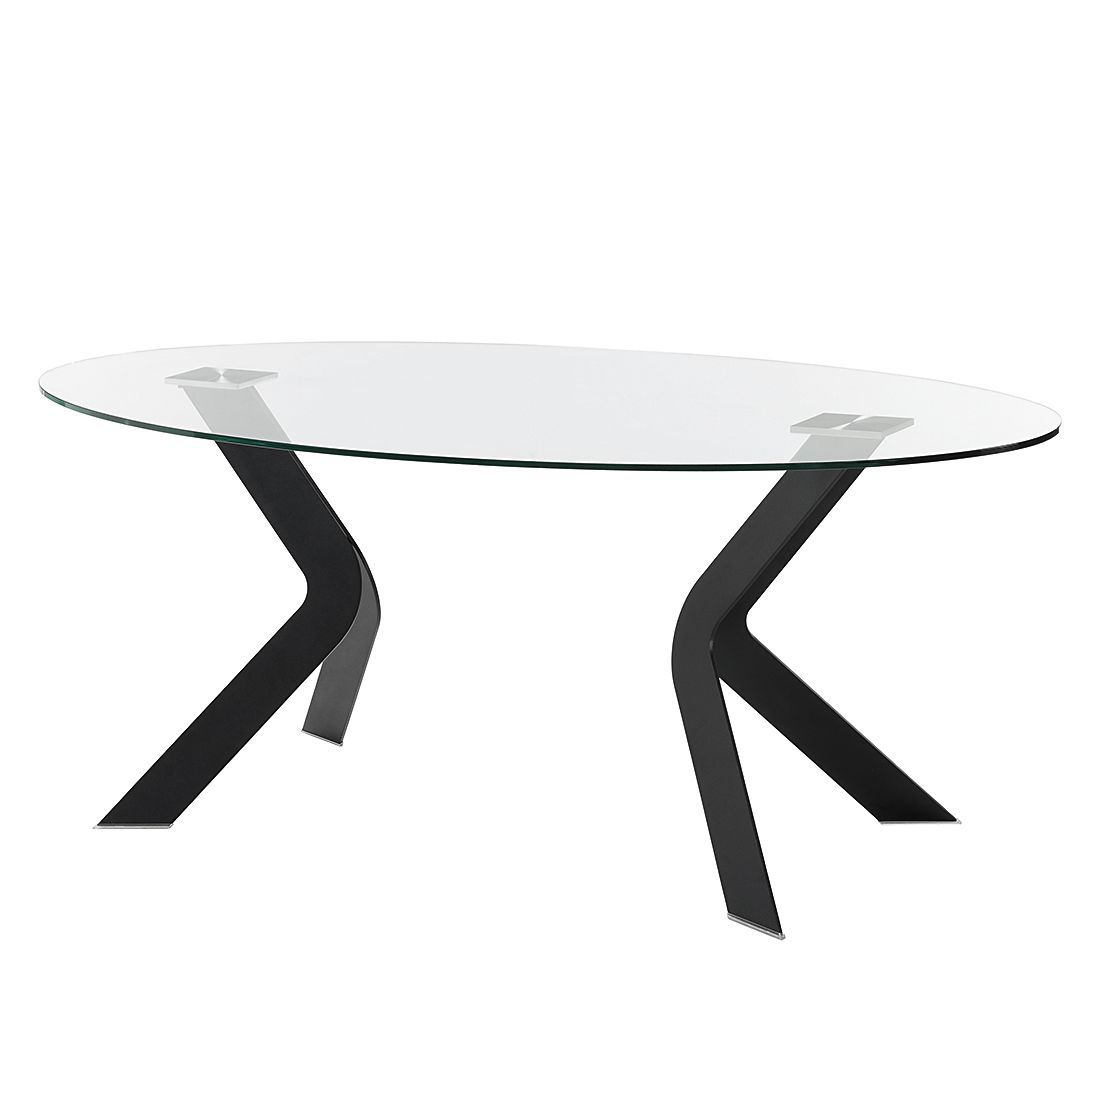 Table à manger Mende - Verre / Acier inoxydable - Verre clair / Noir, roomscape